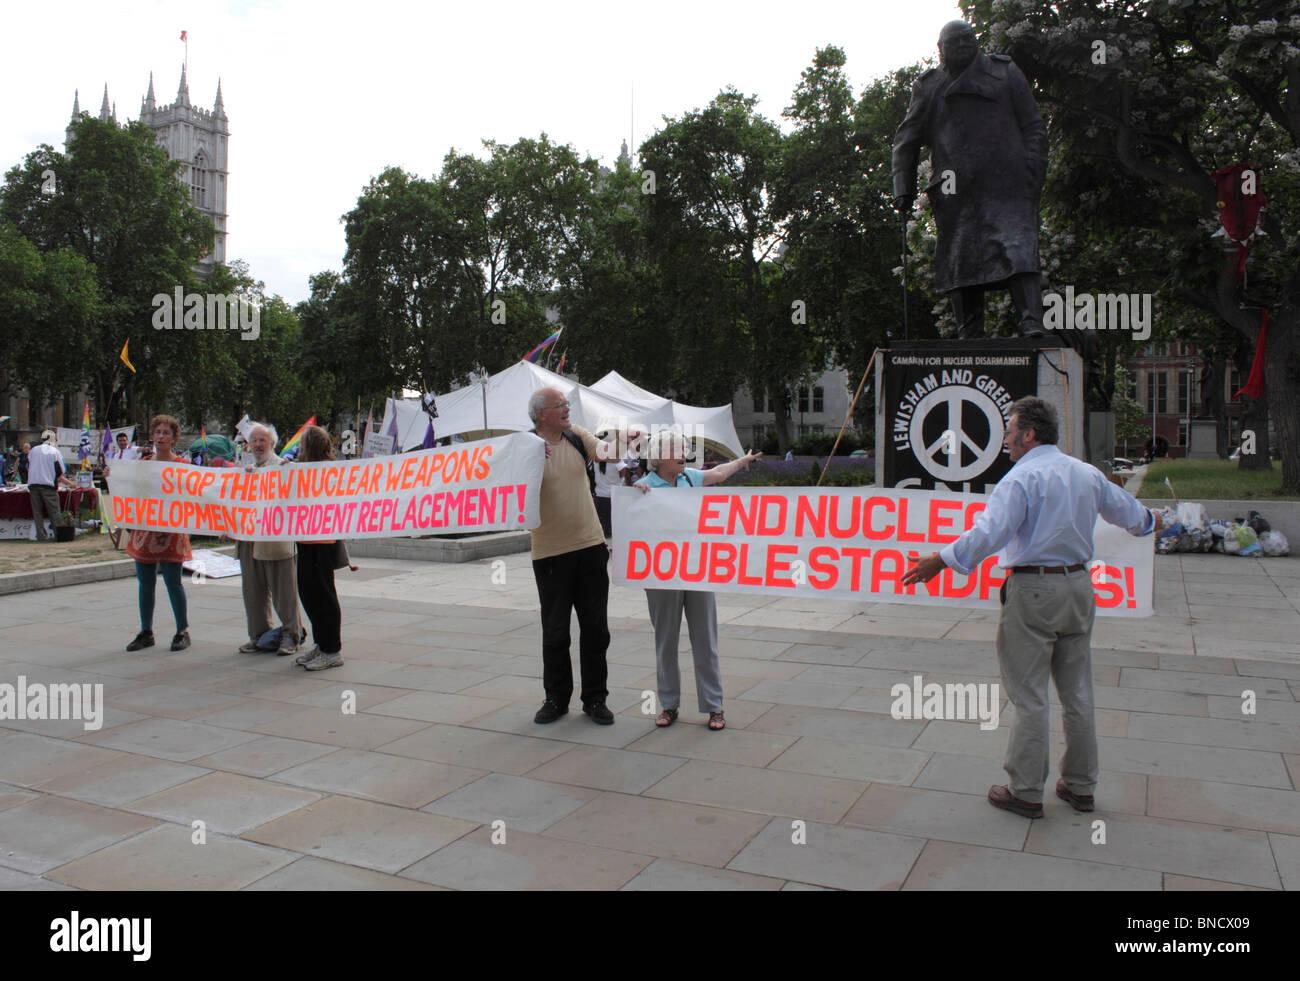 CND de bannières en camp de la paix Village de la démocratie Westminster London 6 Juillet 2010 Photo Stock